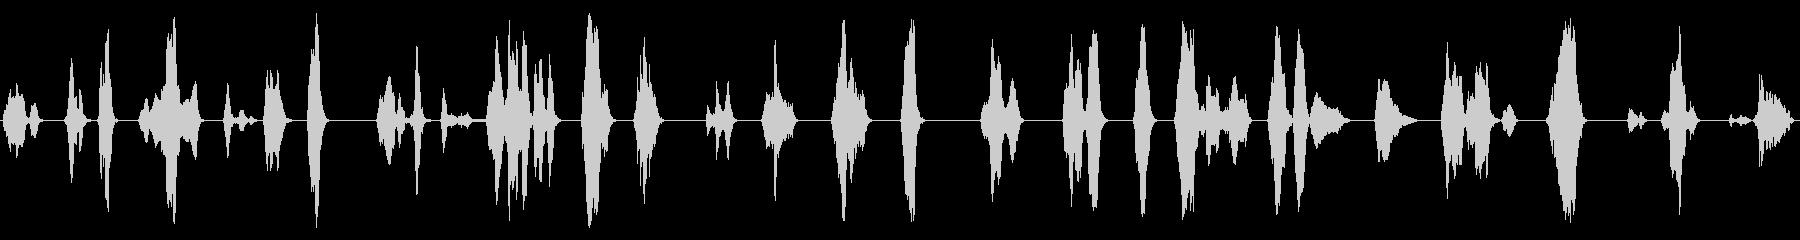 男性:男性だけの人間の声;叫び声と叫び声の未再生の波形